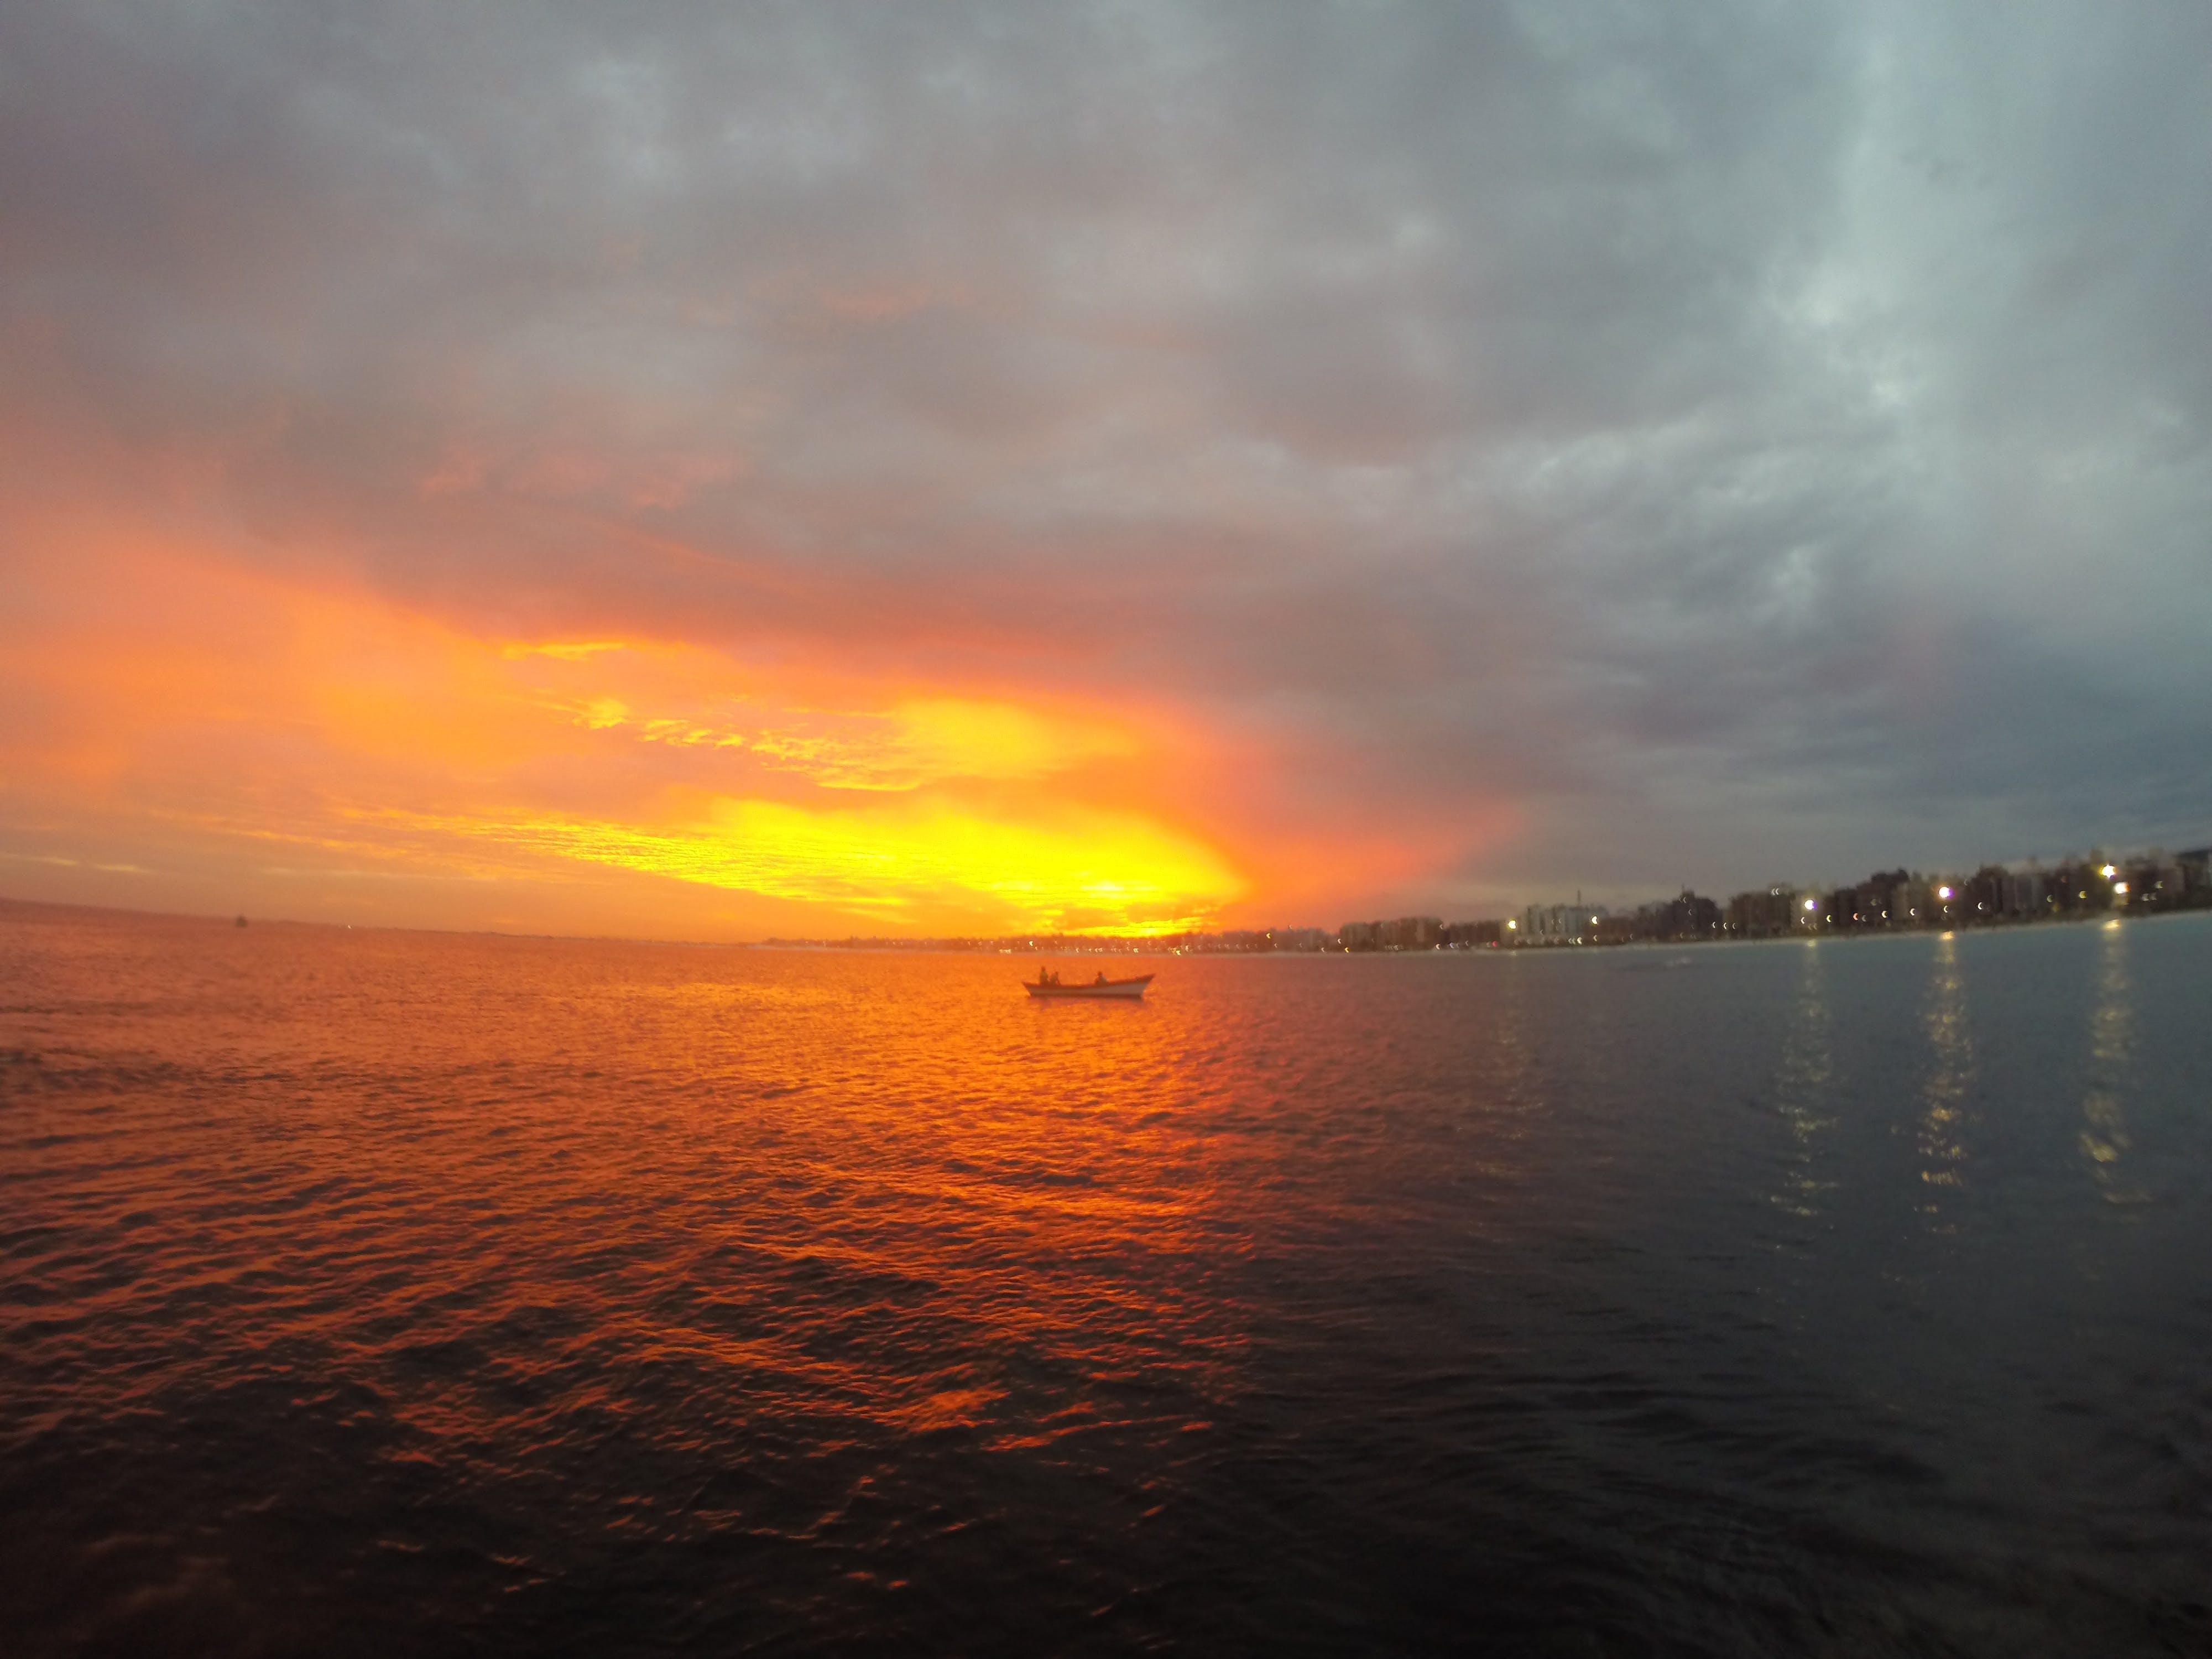 Free stock photo of #sea, #summer #, #sun #, #canoe